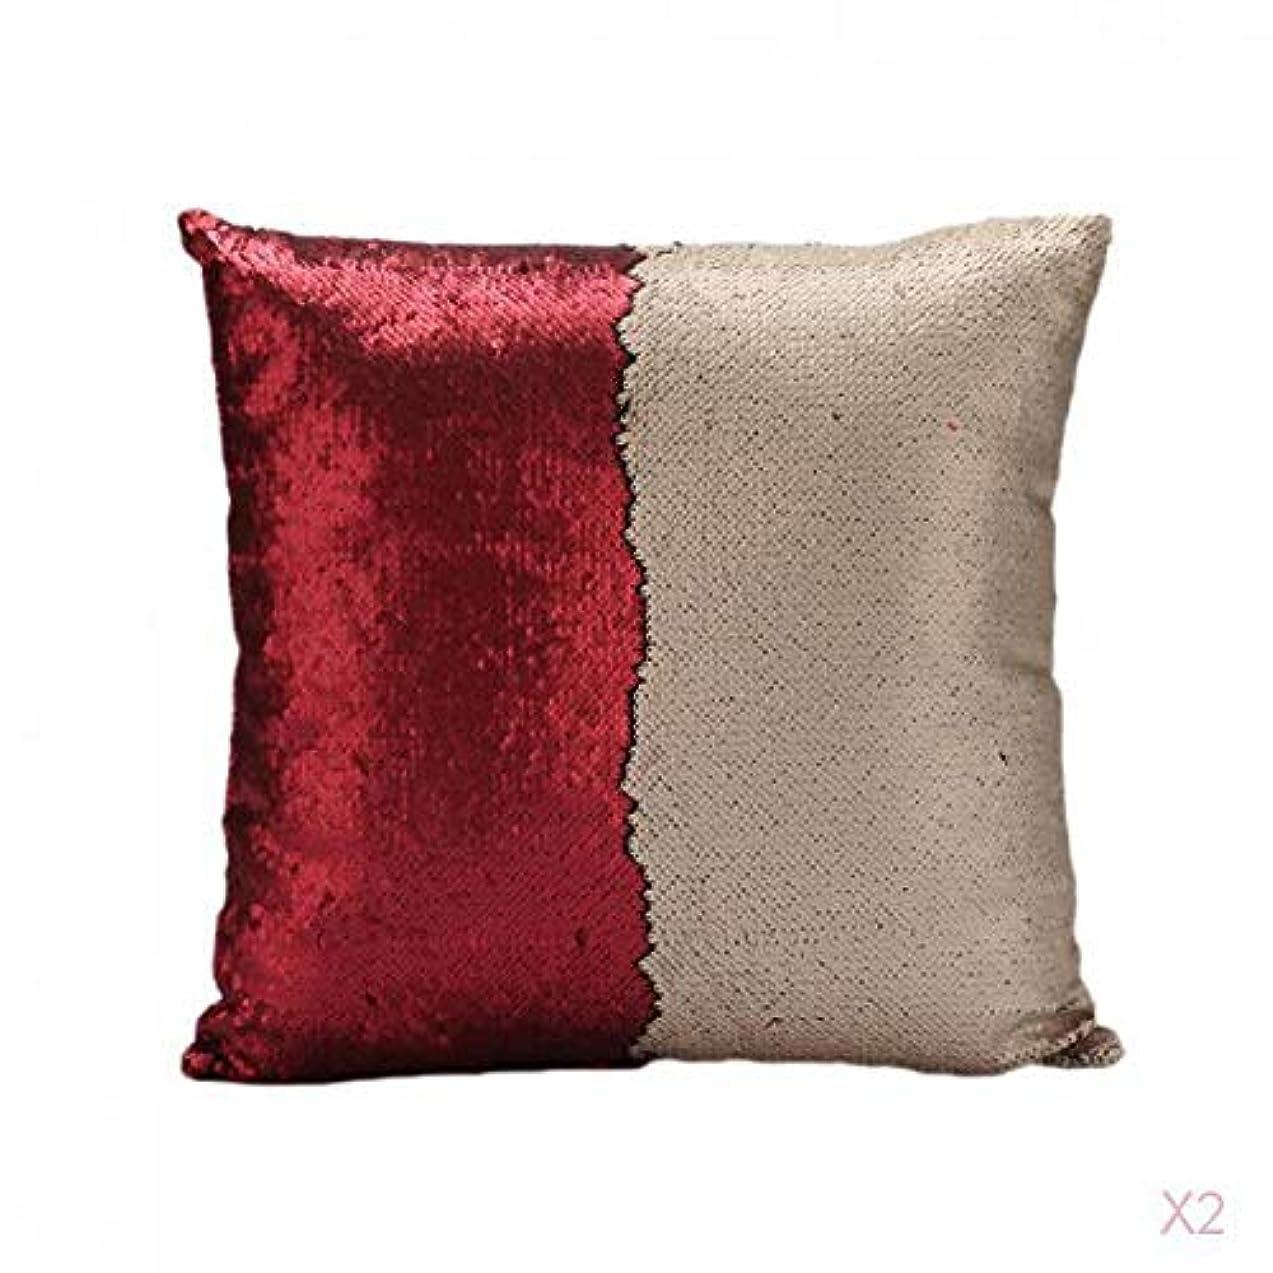 ラベルパブ吸い込む赤可逆スエードスパンコールソファ腰クッションカバーベッドの枕カバースリップ